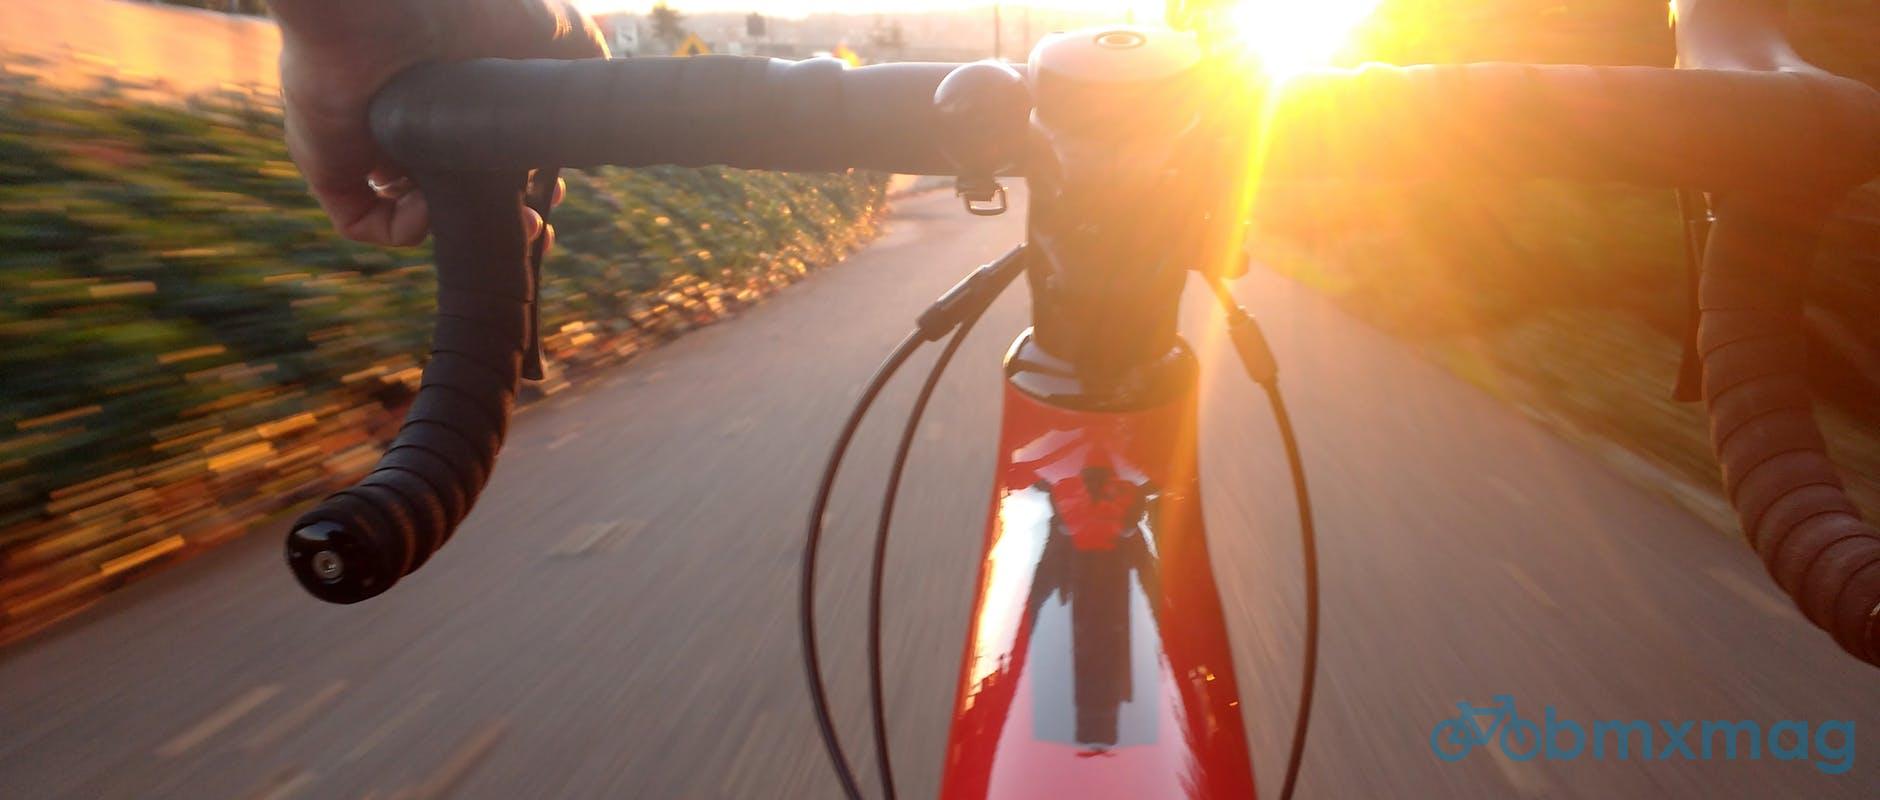 limage sélectionnée Meilleures technologies de vélos et gadgets de cyclisme pour 2019 - Meilleures technologies de vélos et gadgets de cyclisme pour 2019